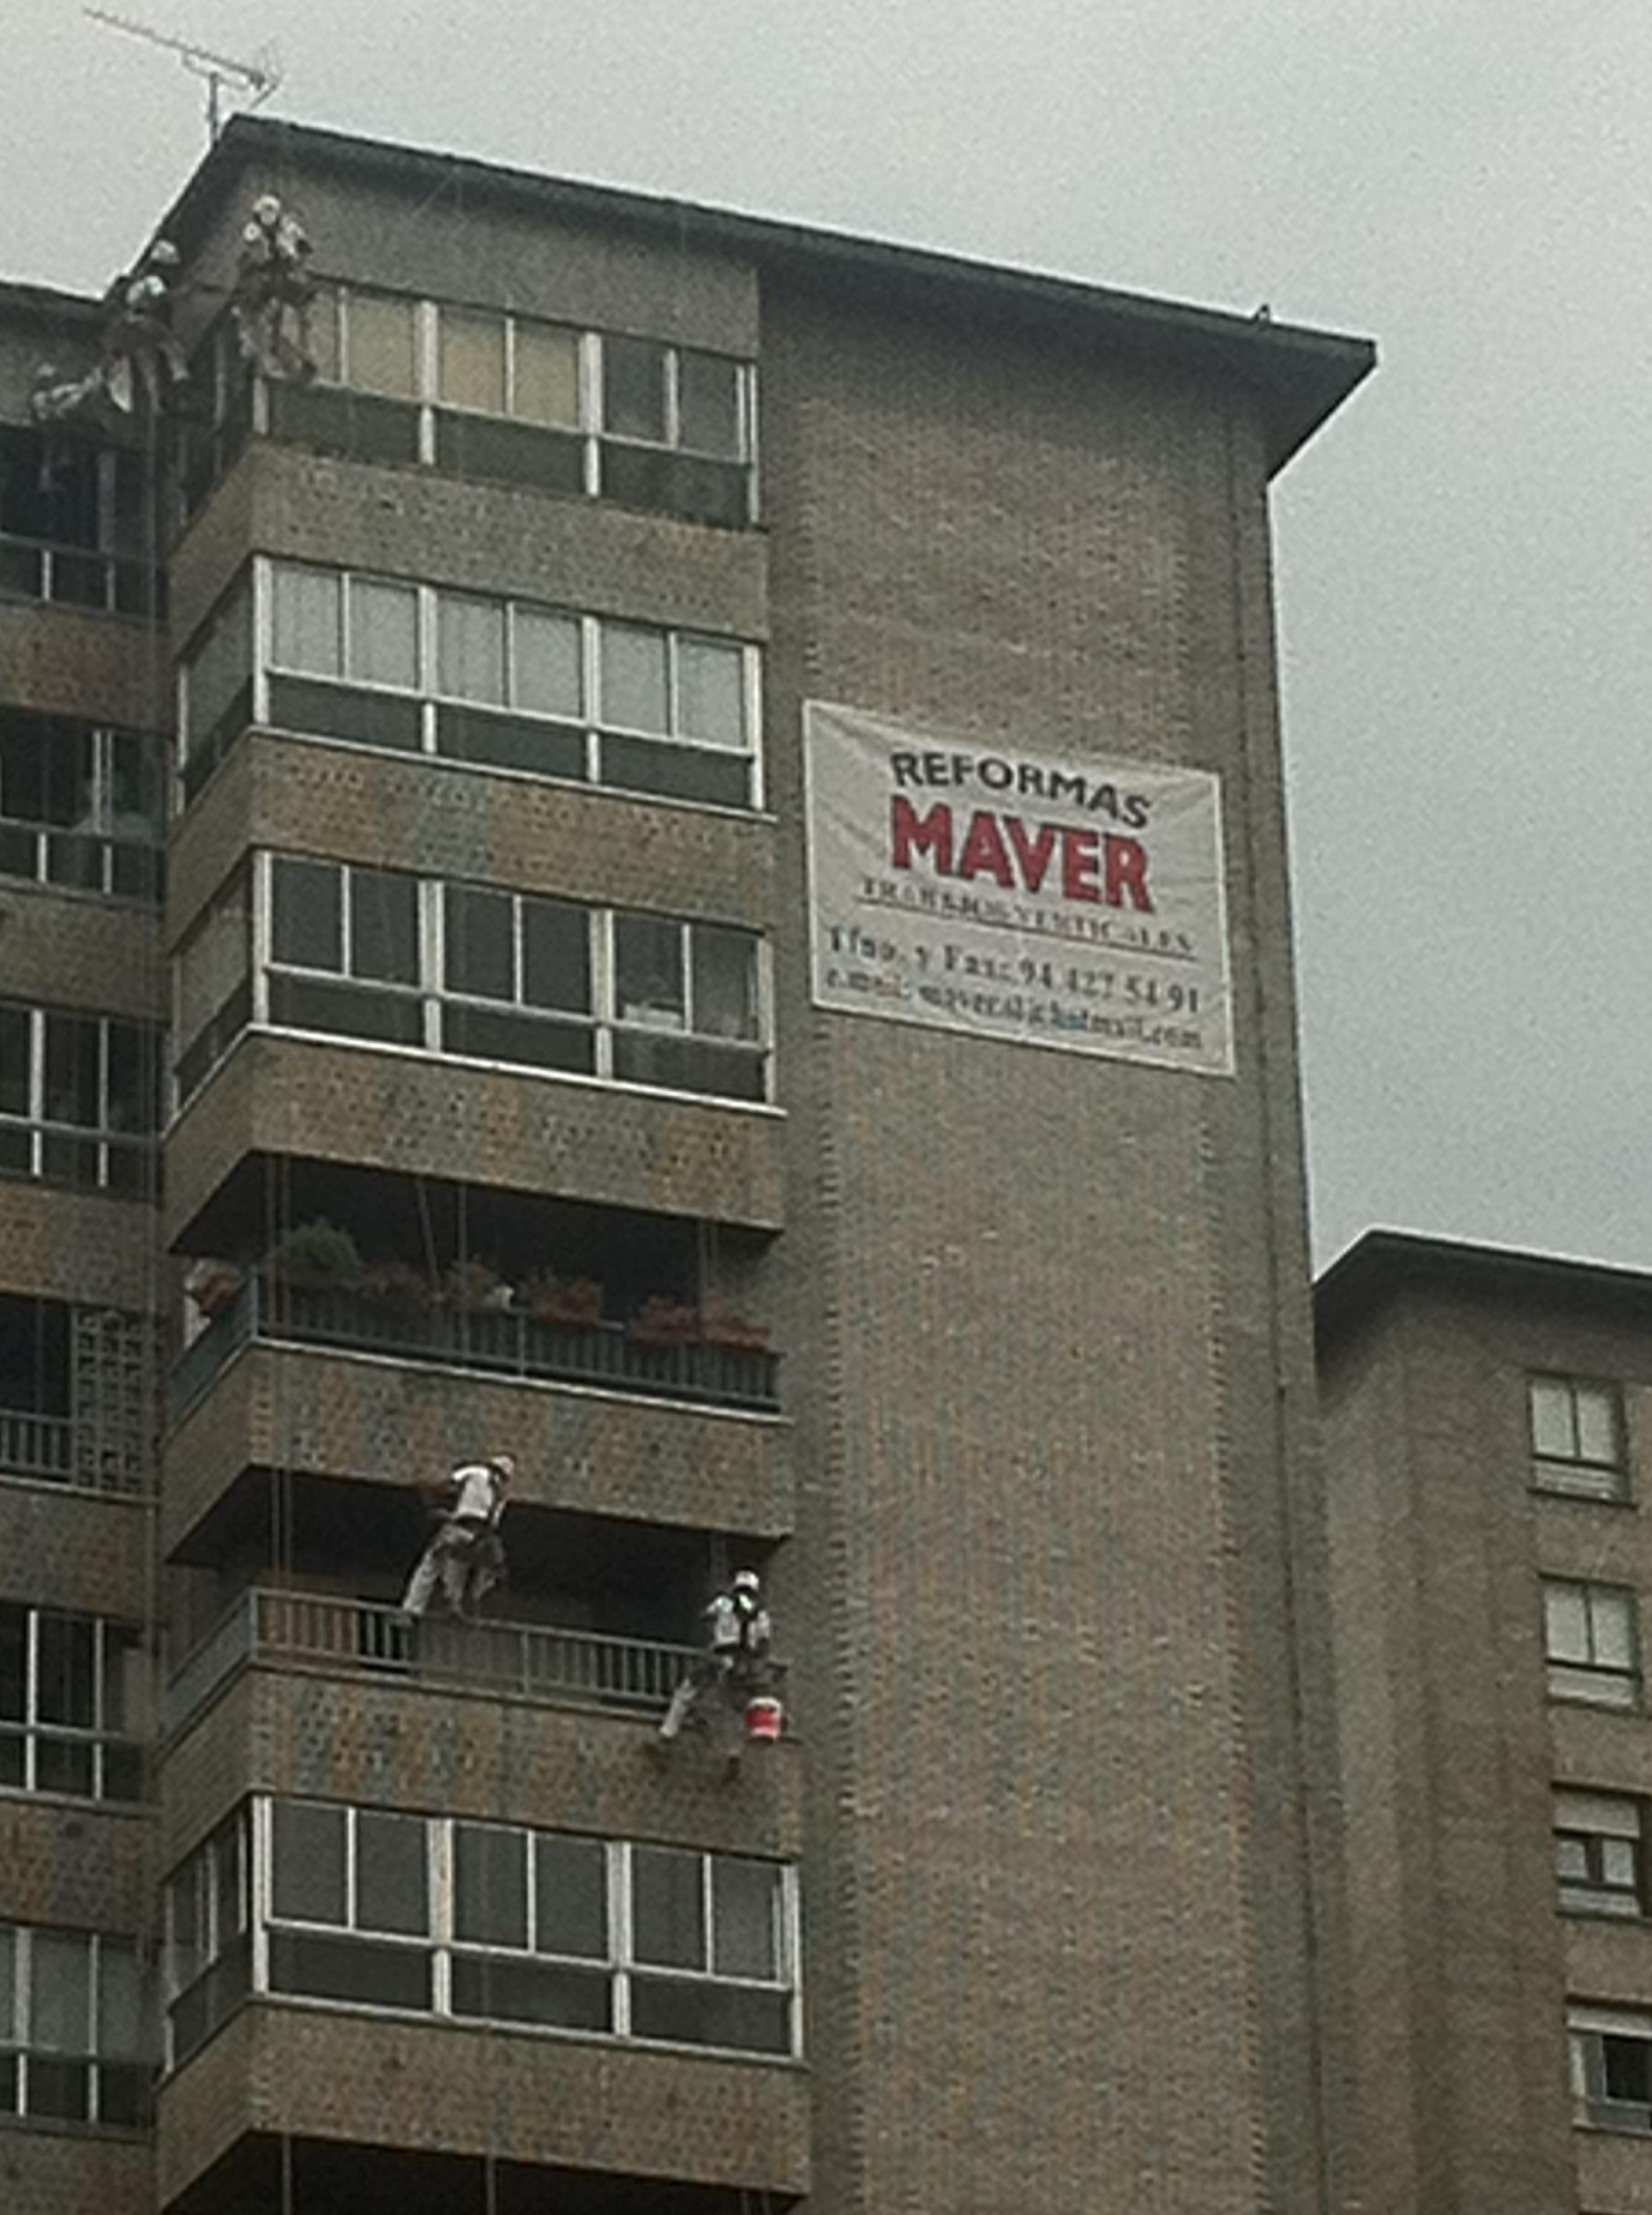 Foto 9 de Trabajos verticales en Bilbao | Reformas Maver